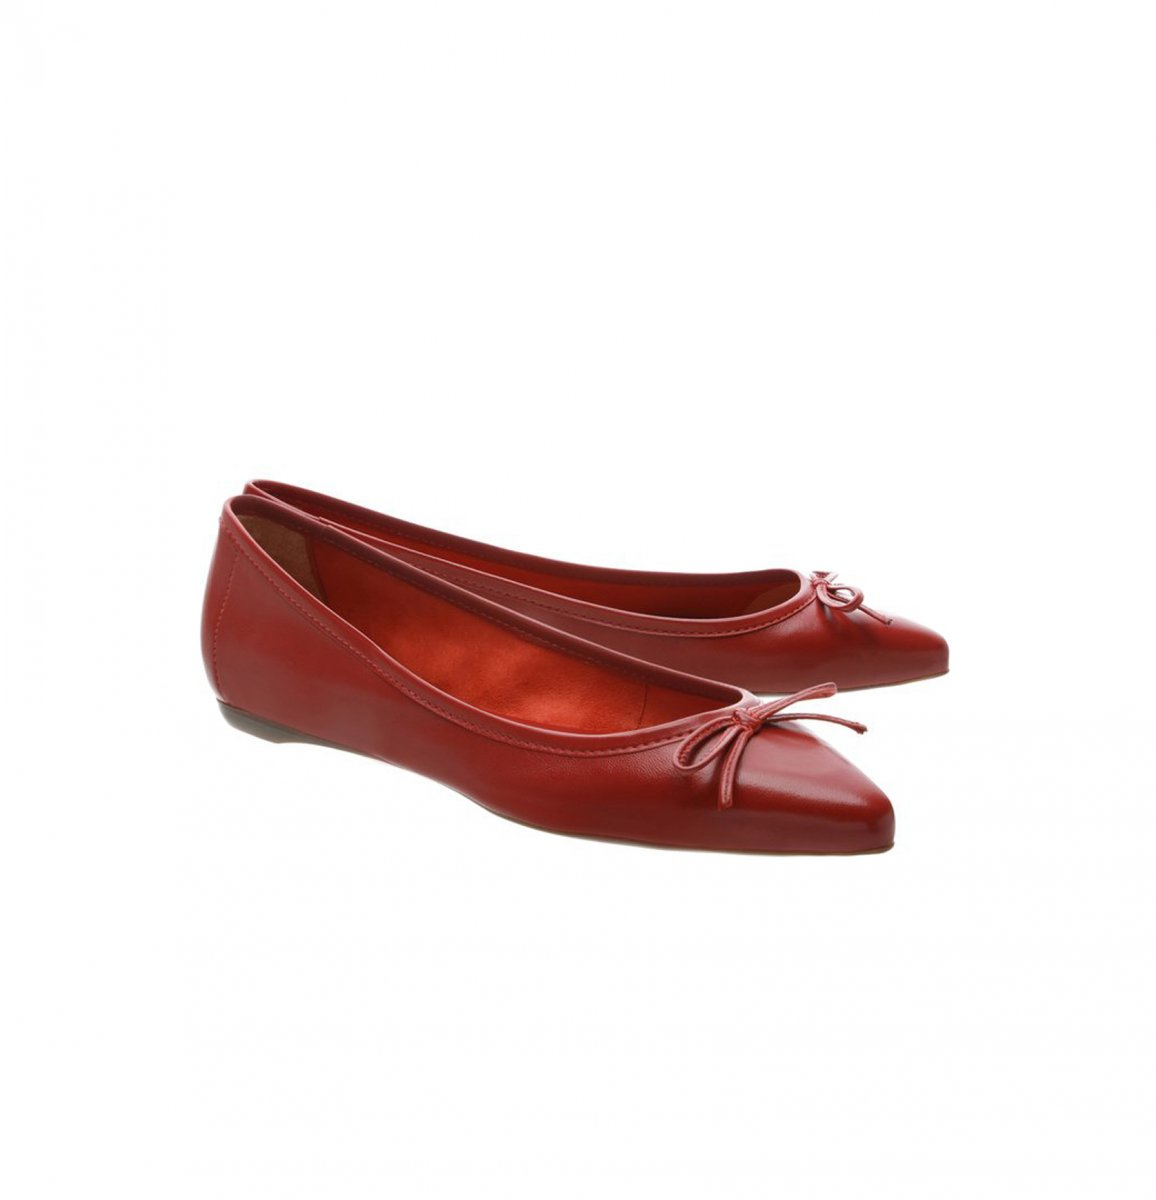 d9b1244a0 Sapatilha Classic Scarlet Schutz   G&Co Shoes